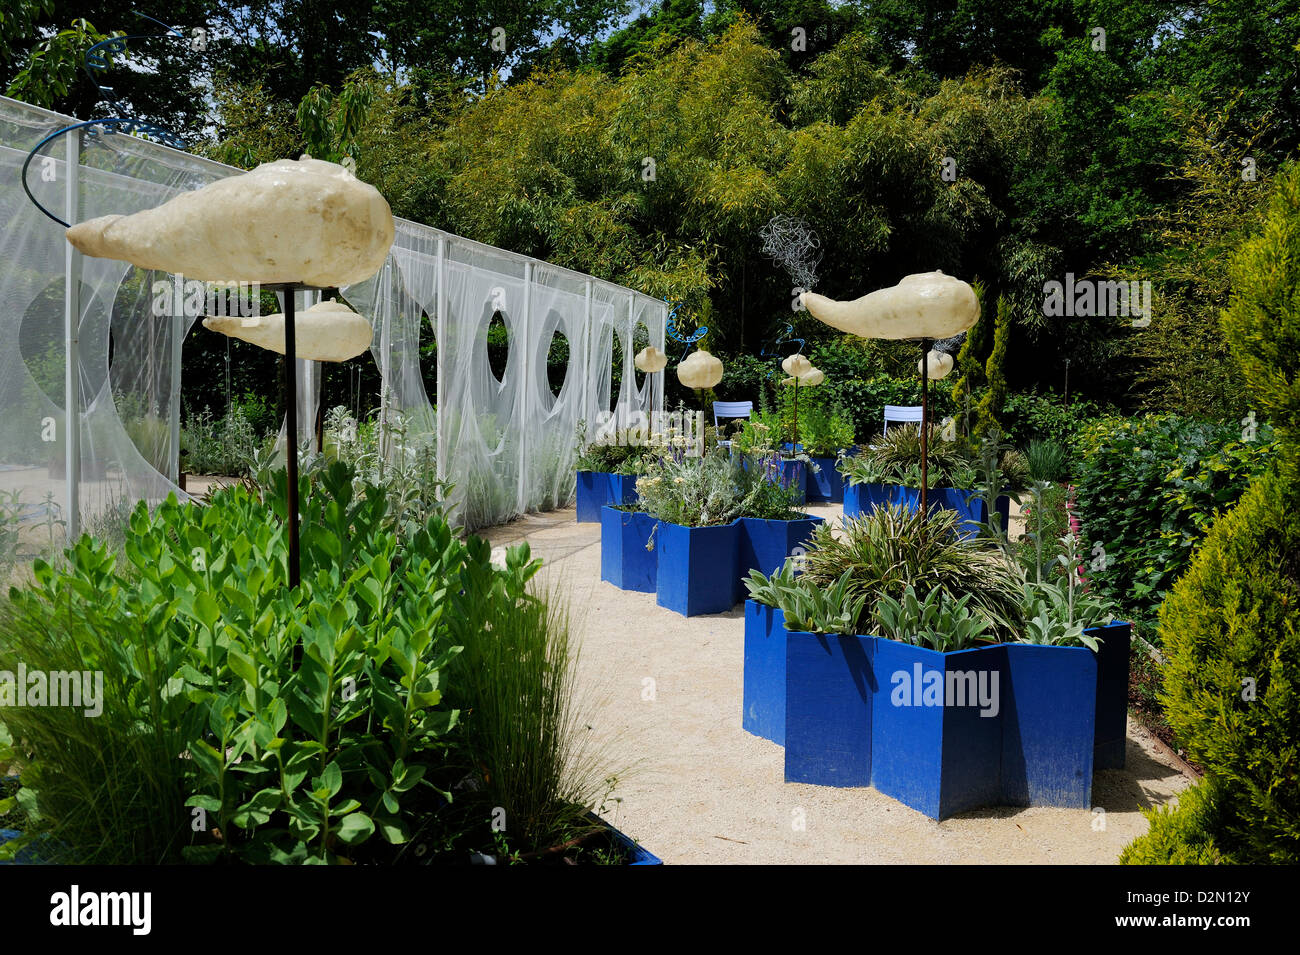 Festival International des Jardins display, Chateau de Chaumont, Chaumont Sur Loire, Indre-et-Loire, Loire Valley, - Stock Image